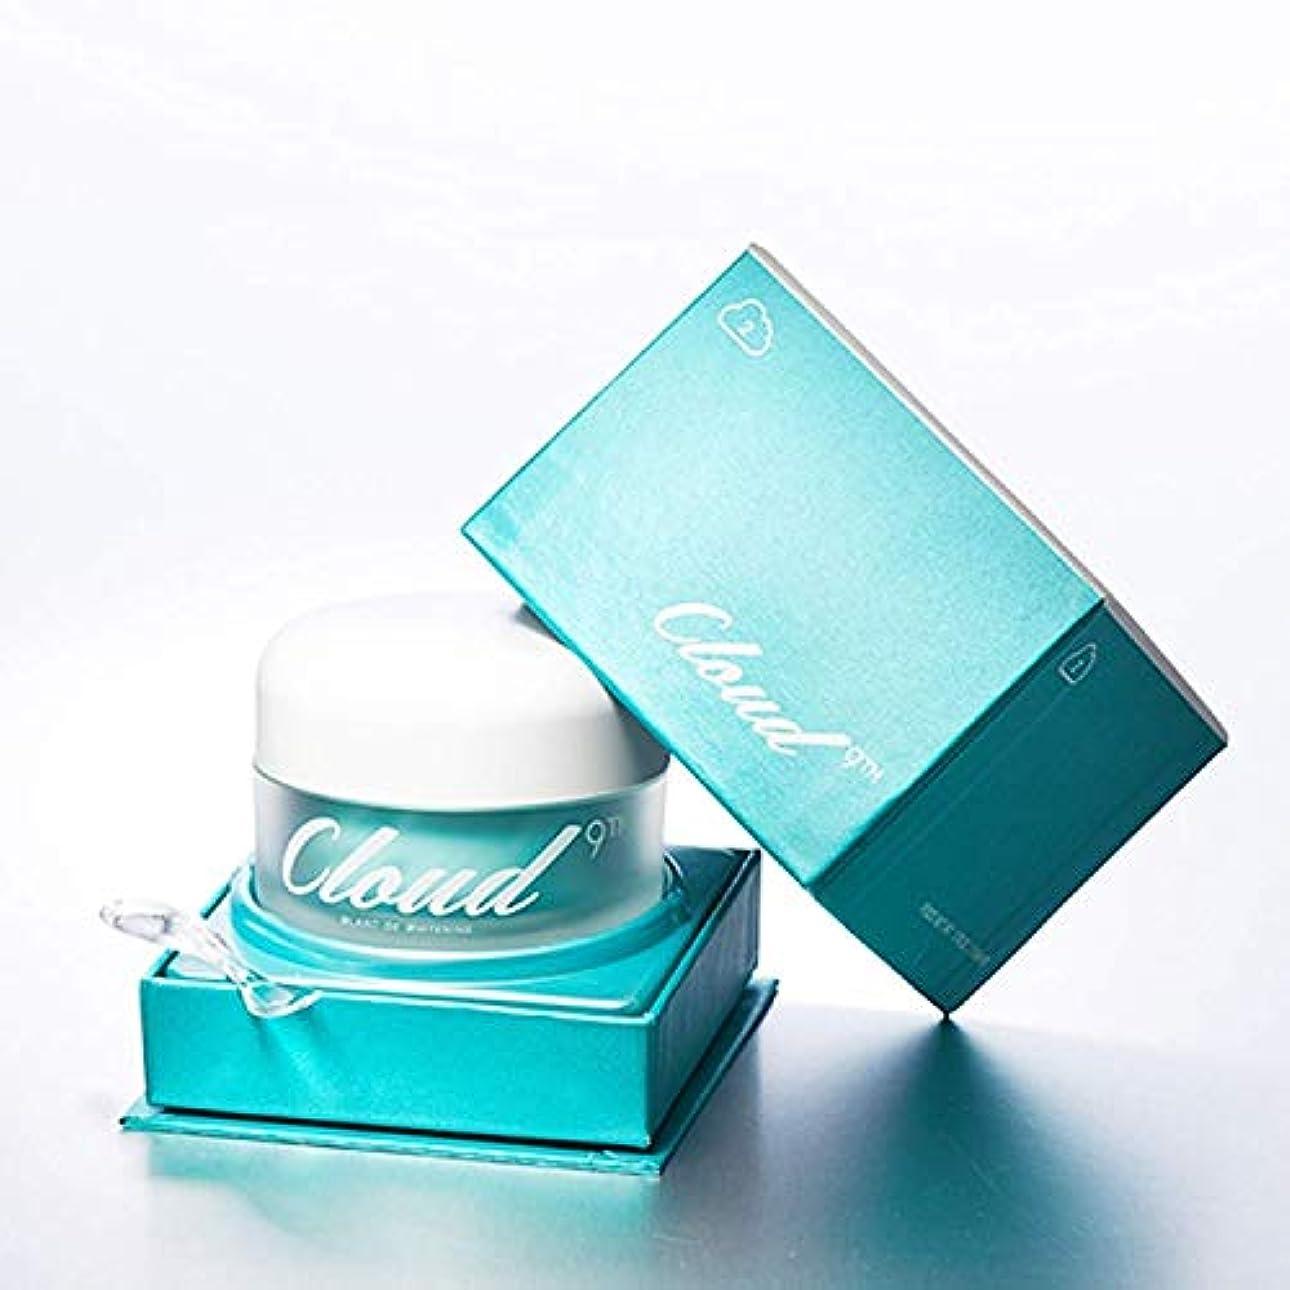 検索エンジンマーケティング状態呼びかけるCLOUD 9 クラウド?ナイン ホワイトニングクリーム (White Moisture Cream) 海外直送品